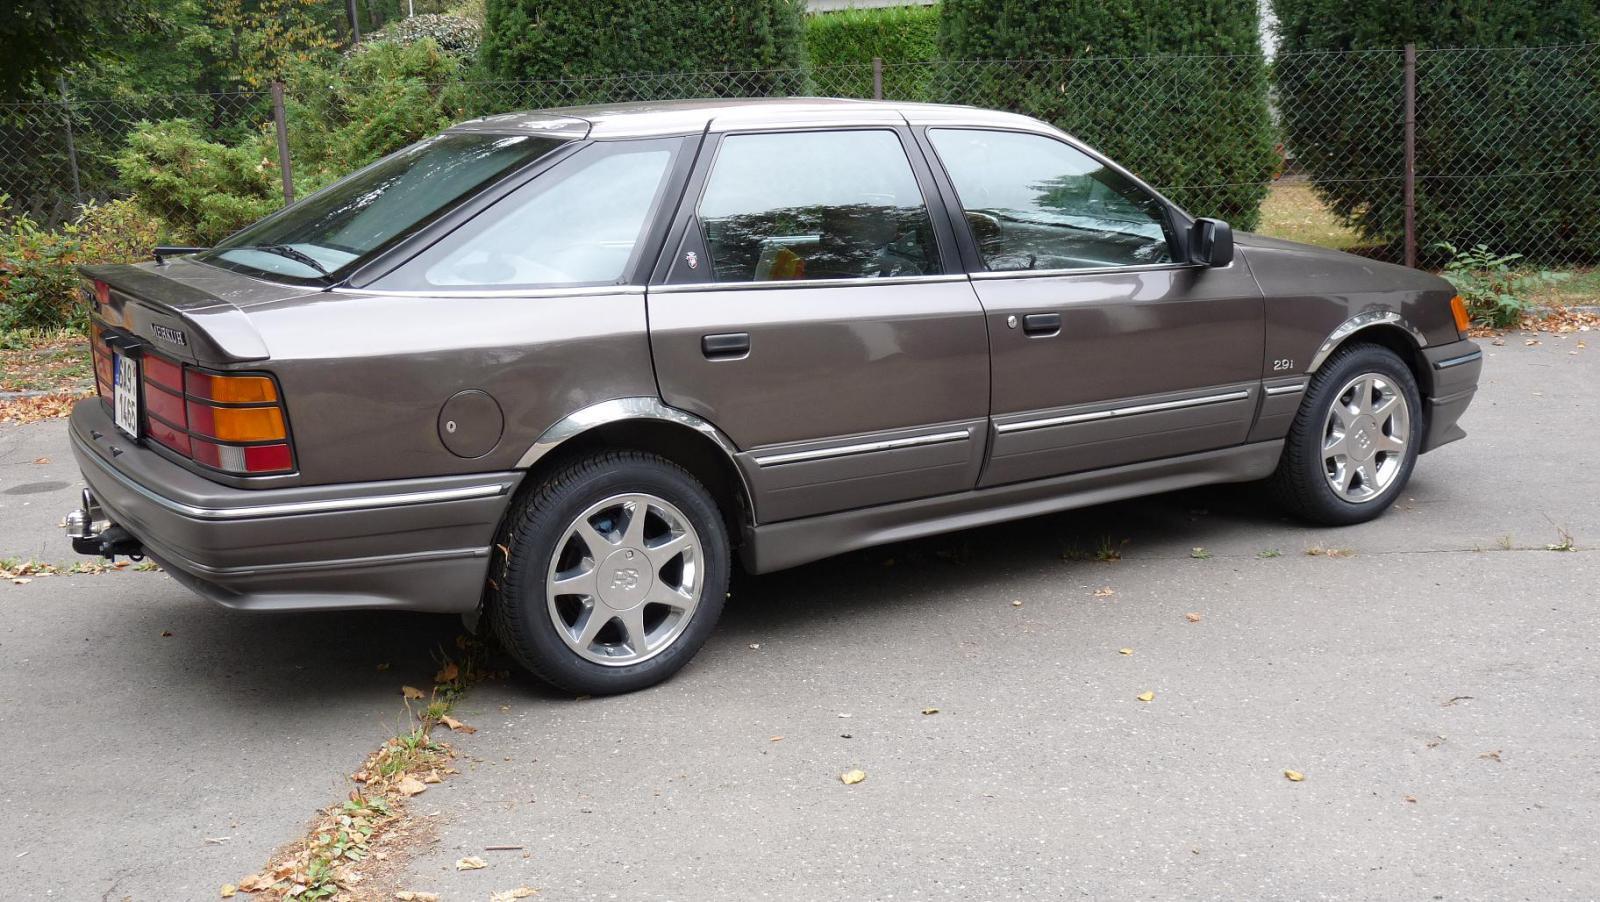 1986 Ford Scorpio 2 9 177 Cui V6 Gasoline 110 Kw 233 Nm